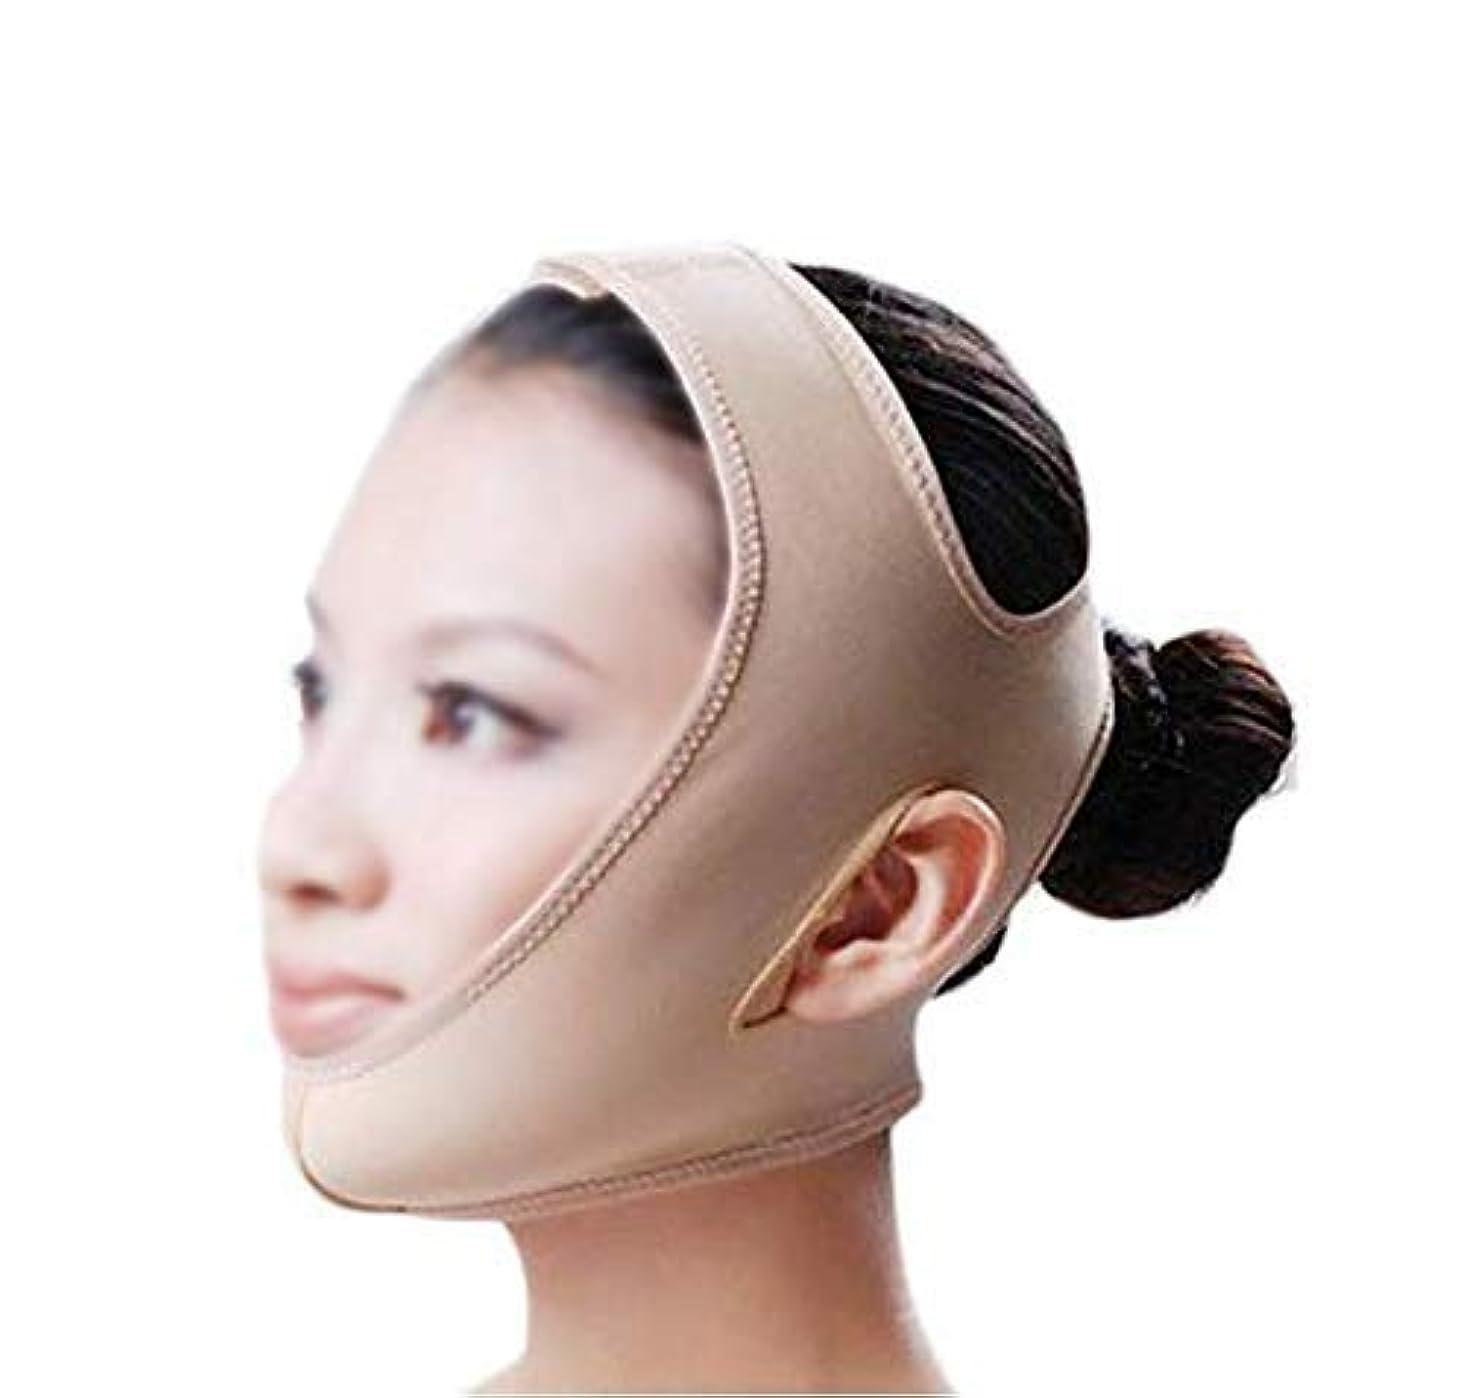 ずるい代わりに砂漠ファーミングフェイスマスク、マスクフェイスマスク美容医学フェイスマスク美容Vフェイス包帯ライン彫刻リフティングファーミングダブルチンマスク(サイズ:S),L